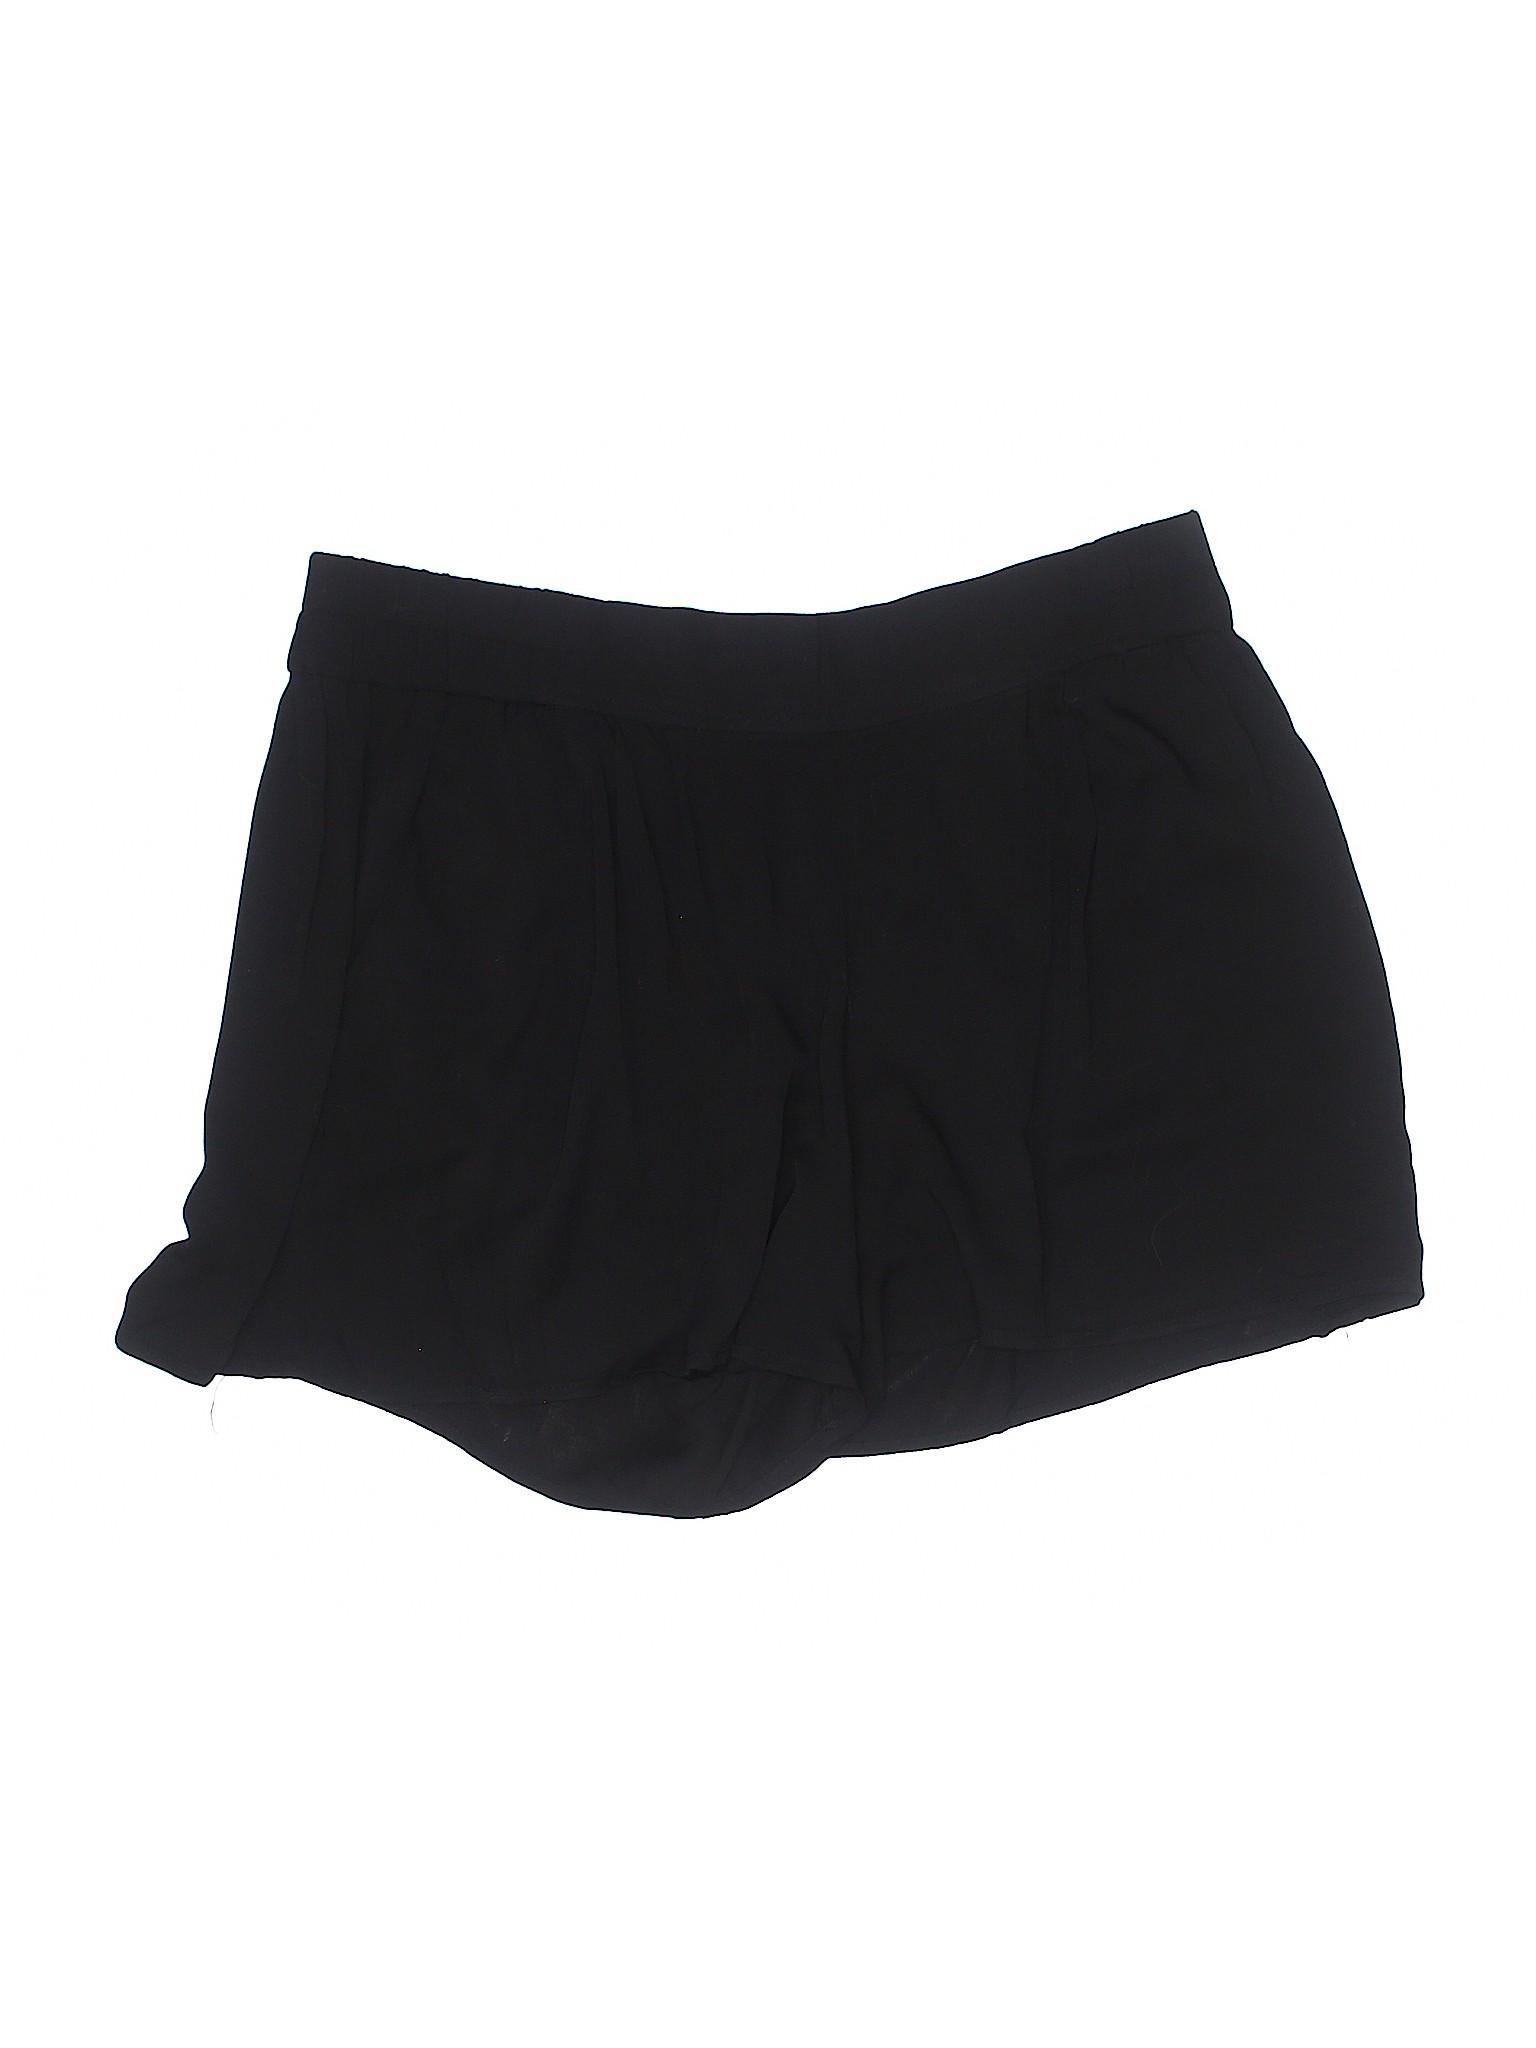 Boutique Shorts Gap Outlet Shorts Boutique Boutique Gap Outlet Gap qw7FtXZH